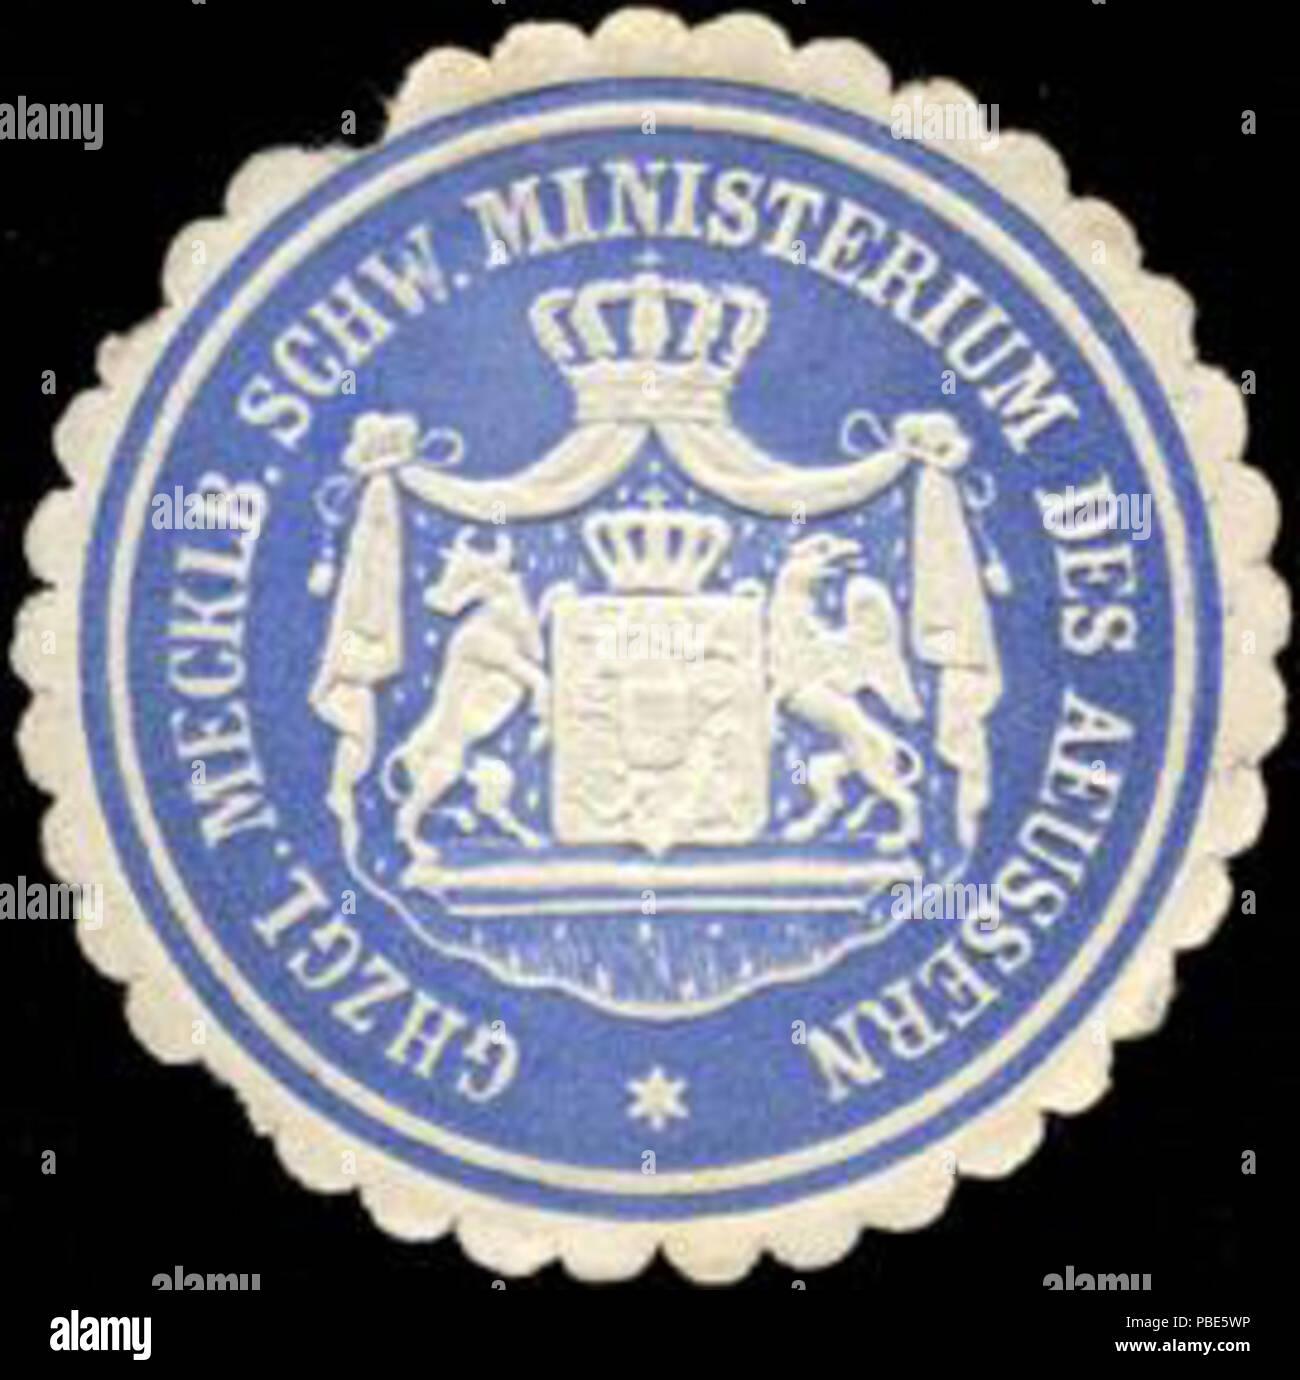 1394 Siegelmarke Grosherzoglich Mecklenburgisch Schw. Ministerium des Aeussern W0211816 - Stock Image